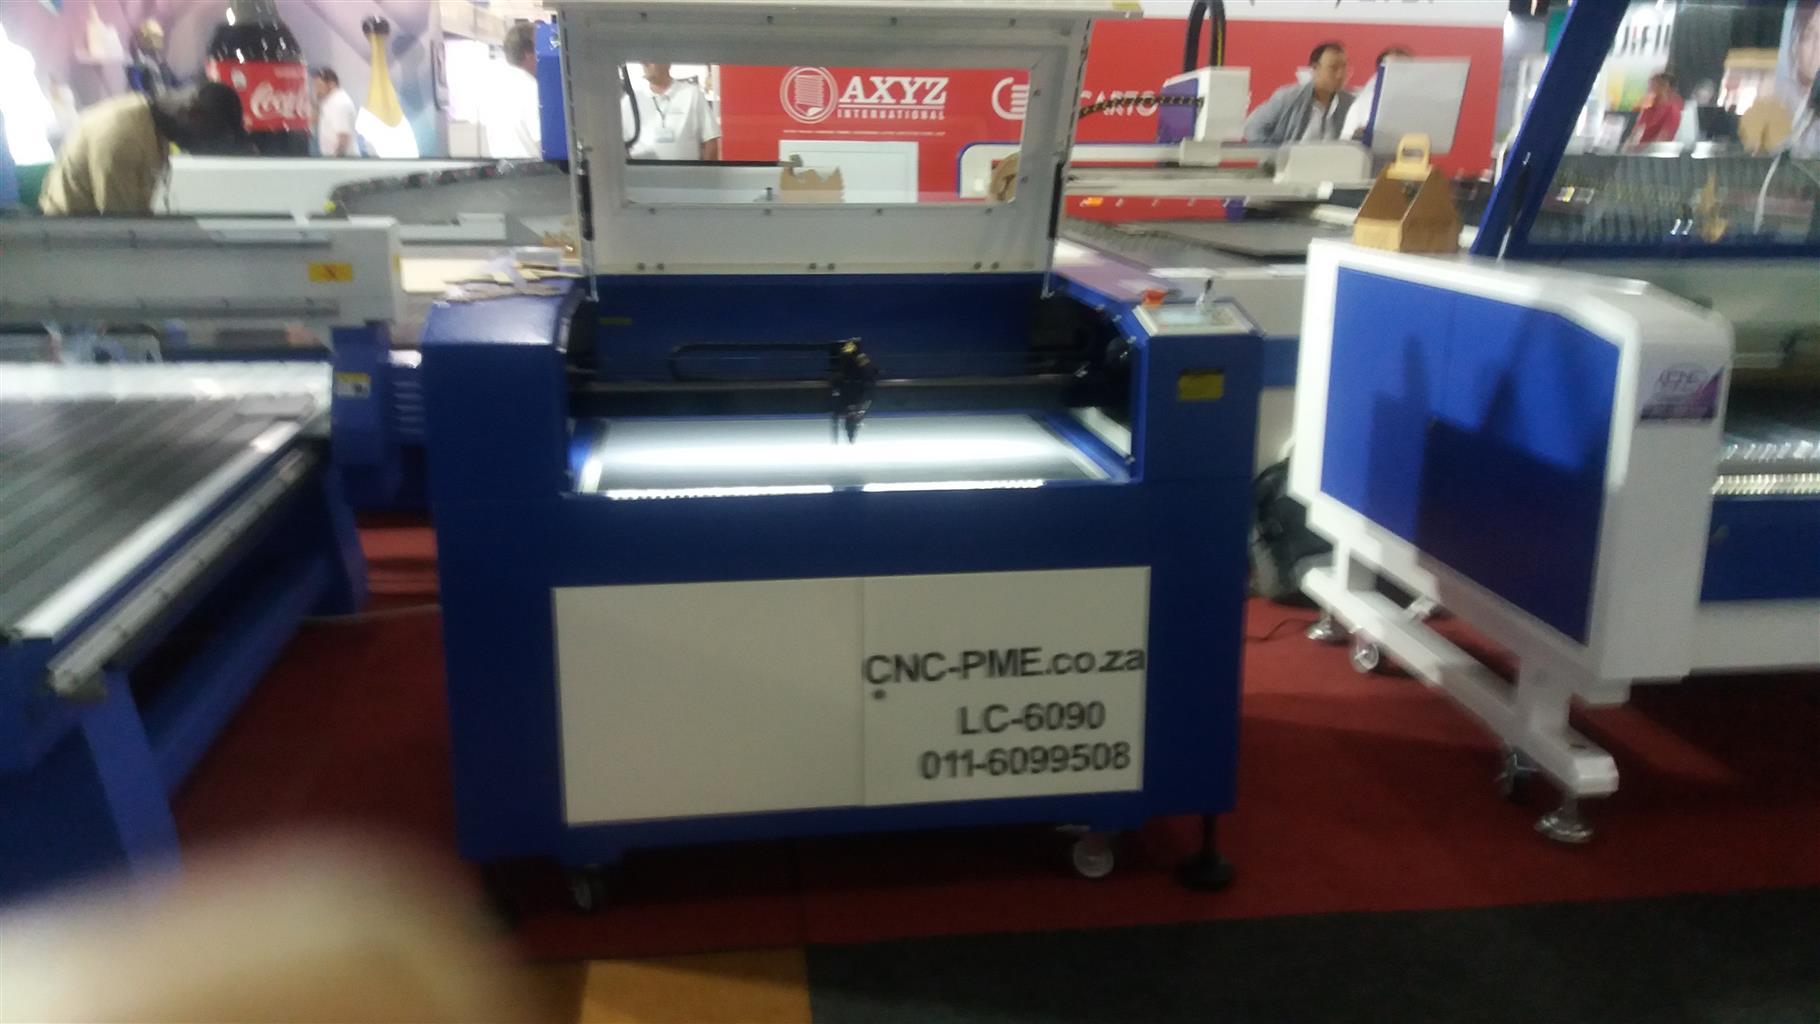 Kl 900mmx600mmx80w up/down table laser mach